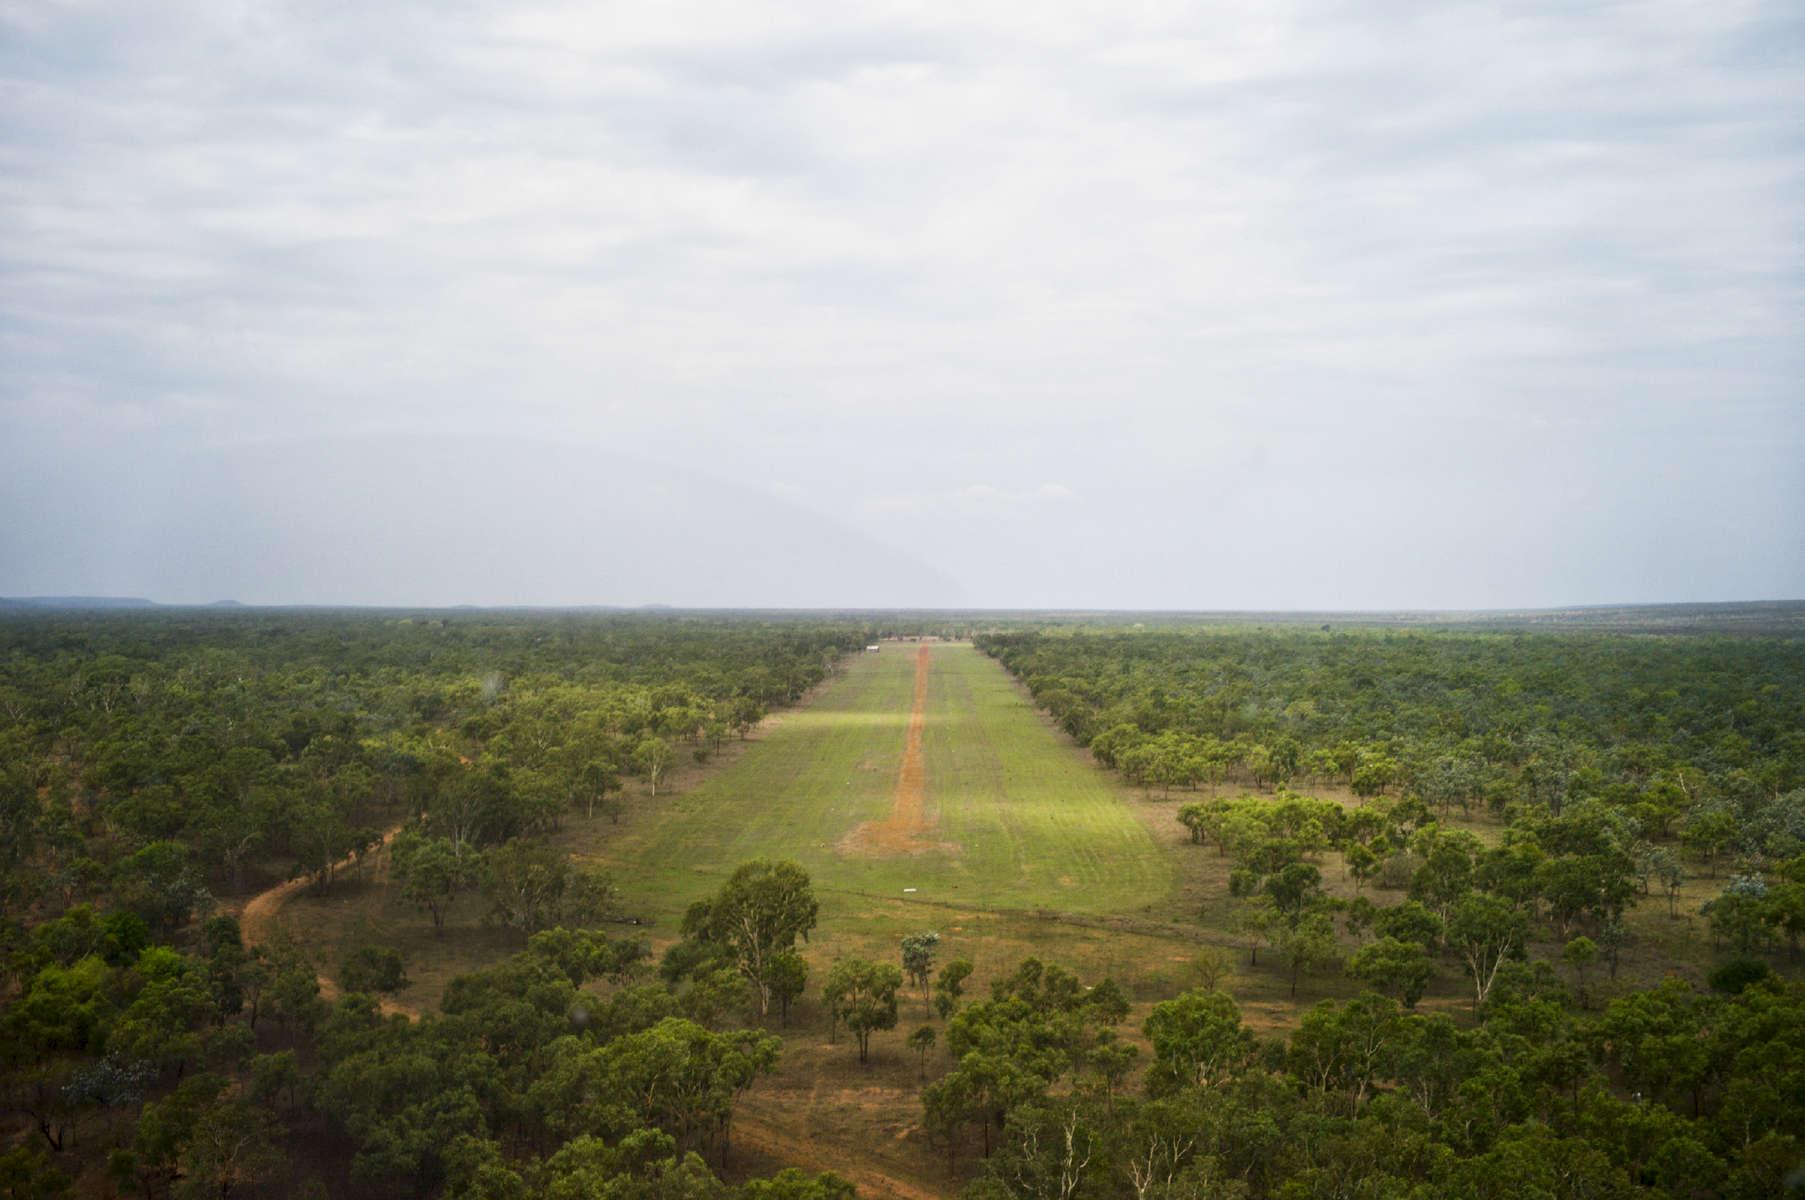 Toutes les fermes et les communautés isolées ont leur propre piste d'atterrissage. La plupart d'entre elles ont leur avion ou hélicoptère. Cette piste est indispensable, en cas d'urgence pour faire appel aux Flying Doctors, qui peuvent se rendre dans les endroits reculés très rapidement. TN,  Australie, 2011.